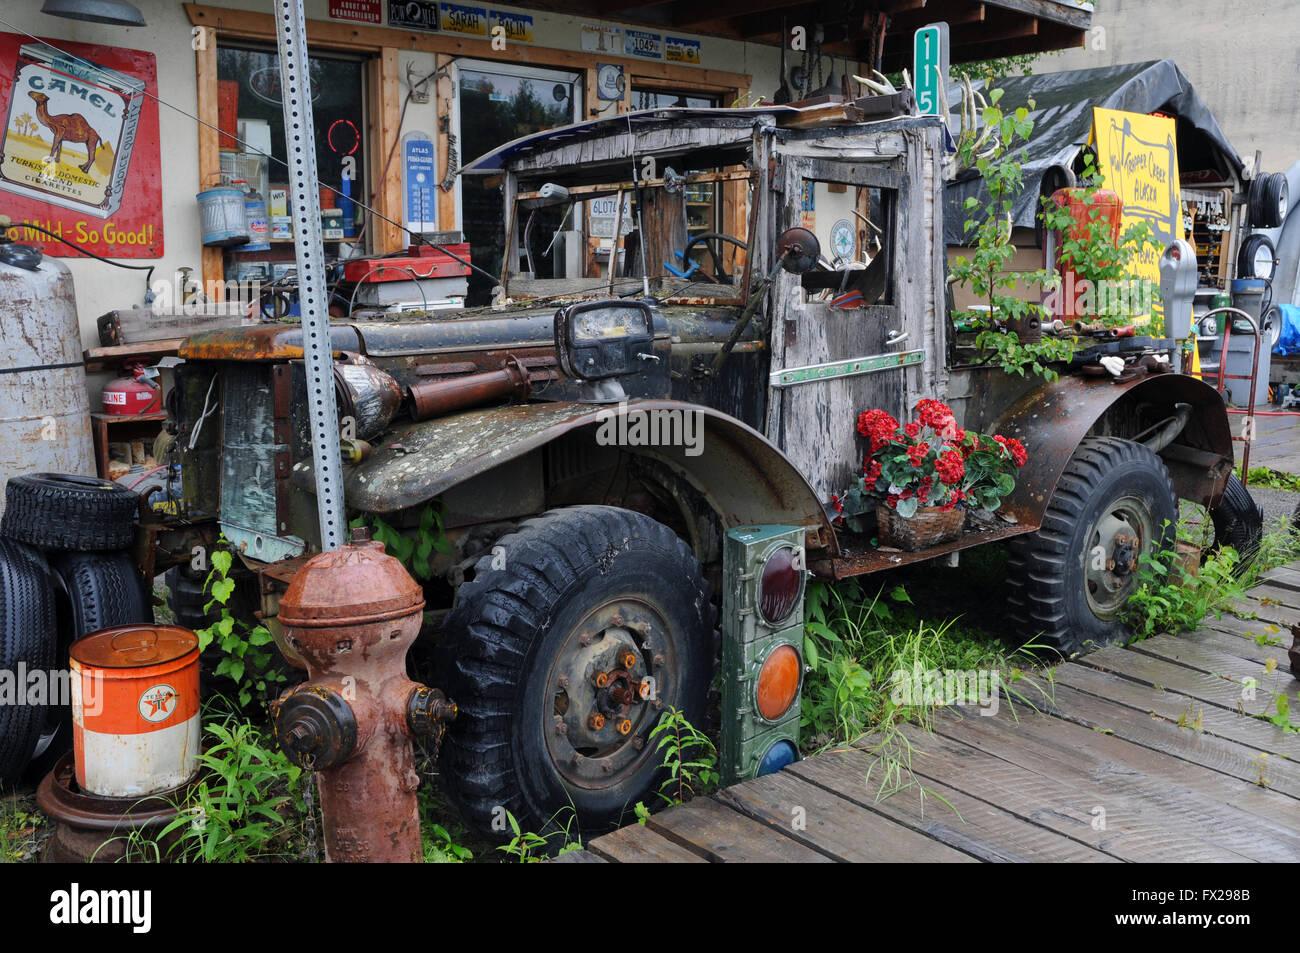 Alaska Scrap store - Stock Image